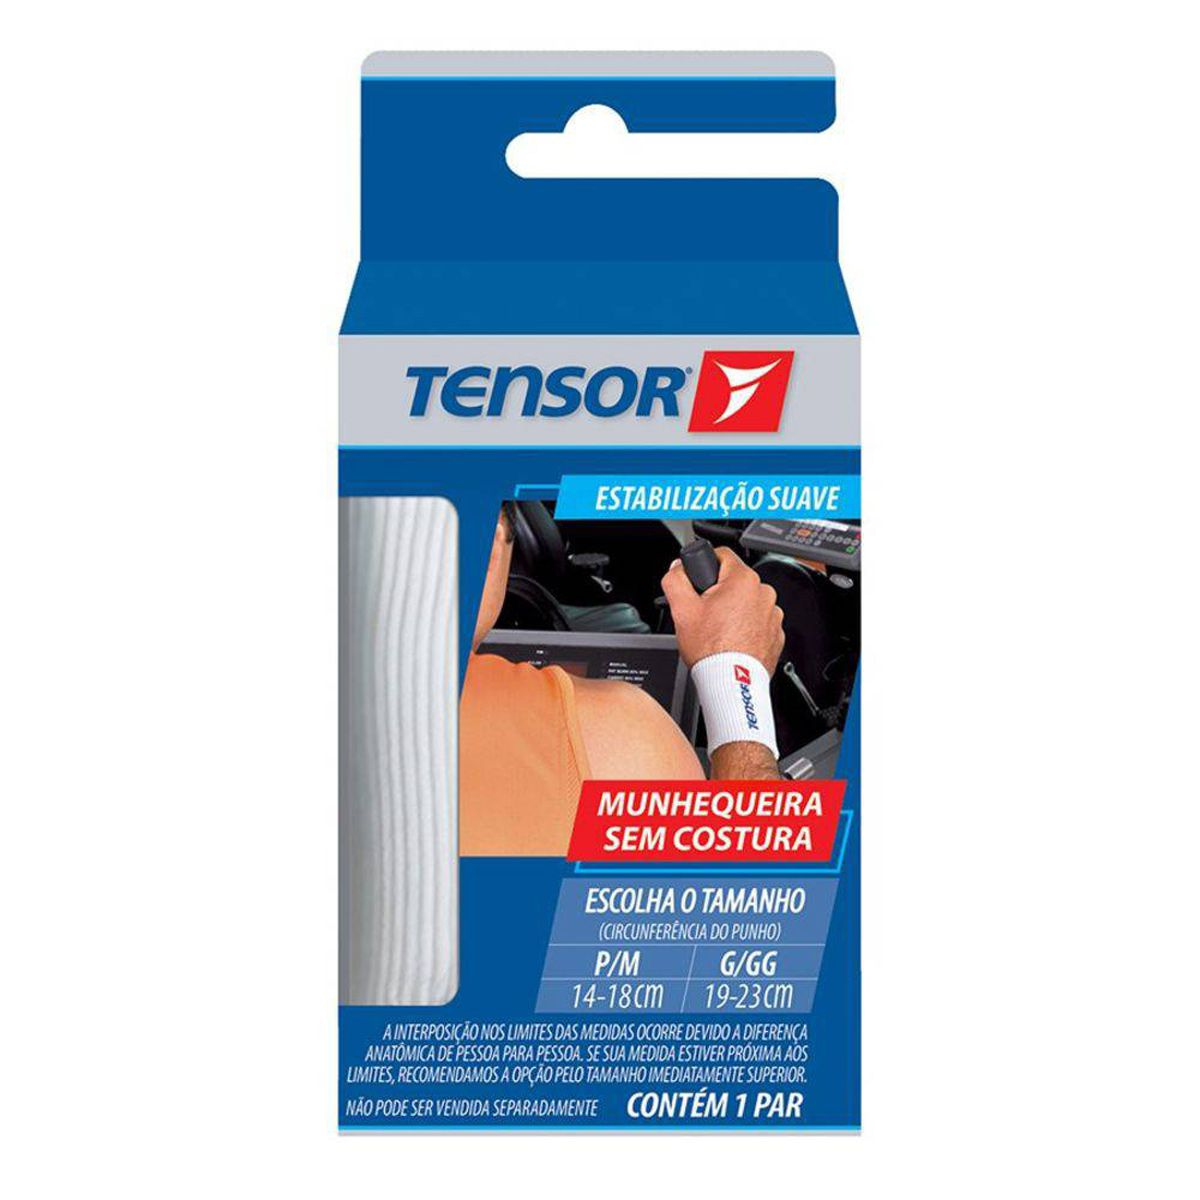 Munhequeira sem costura Tensor - 6703